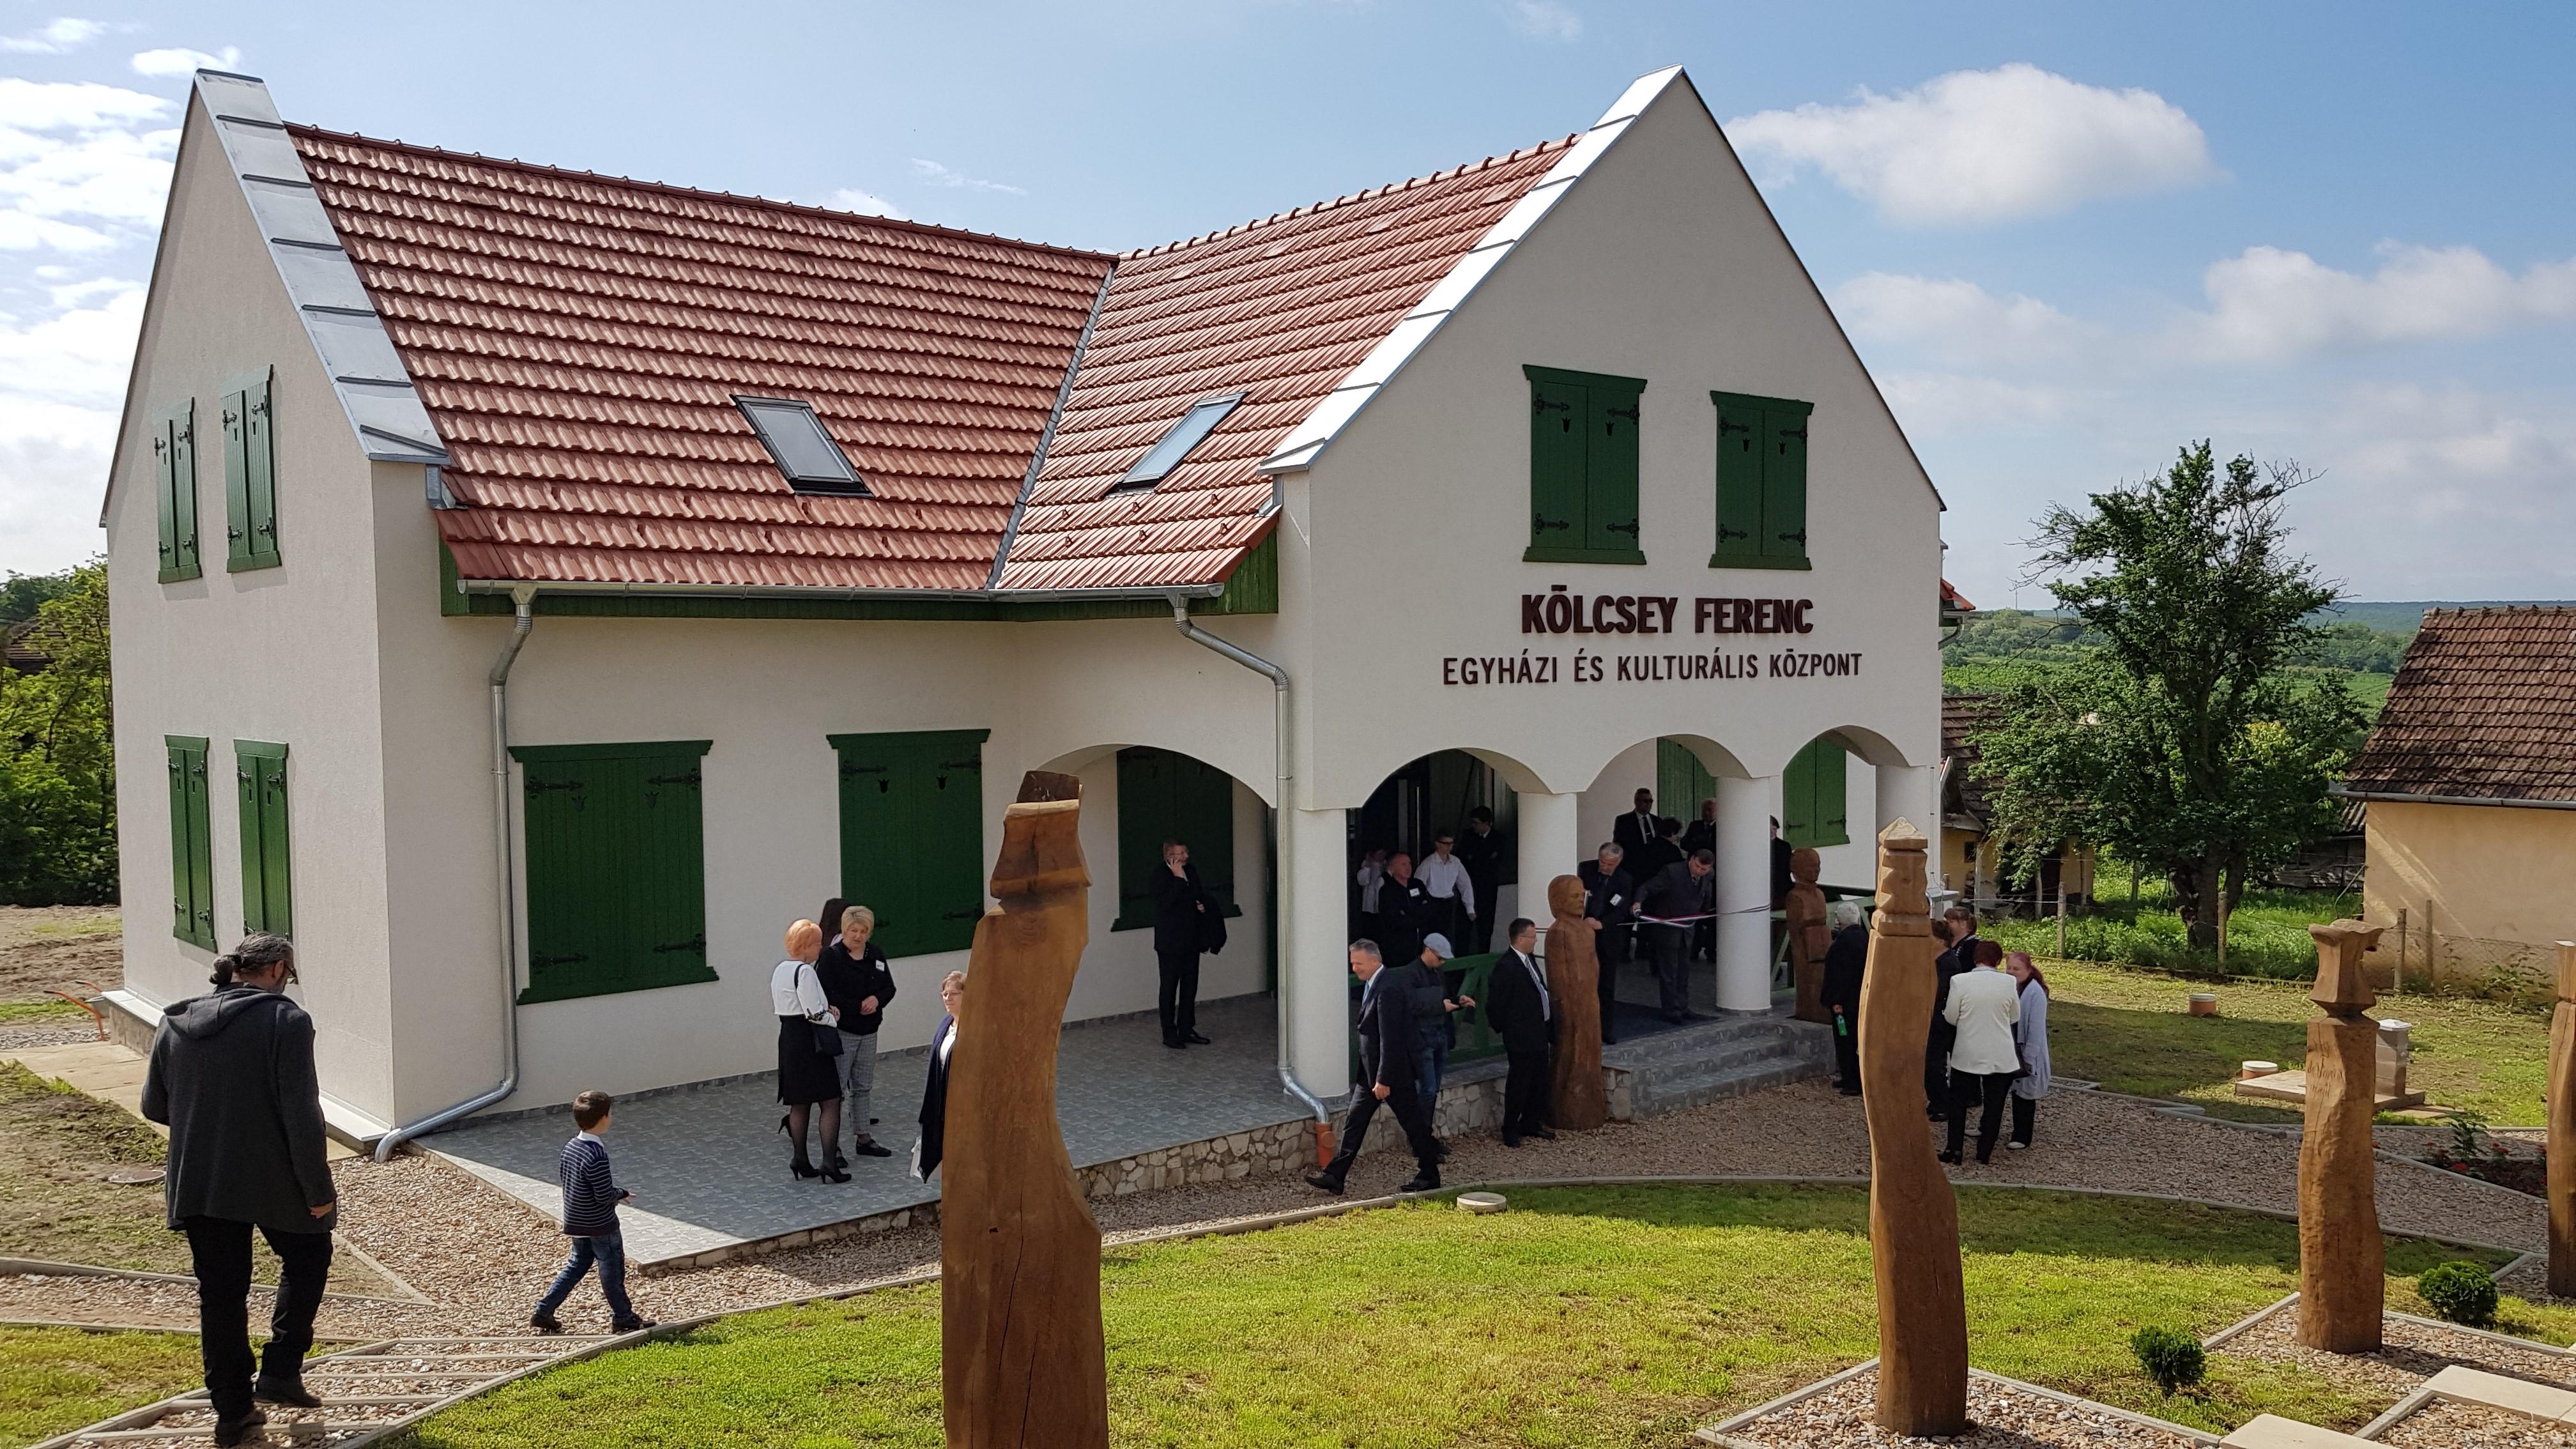 Kölcsey Ferenc Egyházi és Kulturális Központ